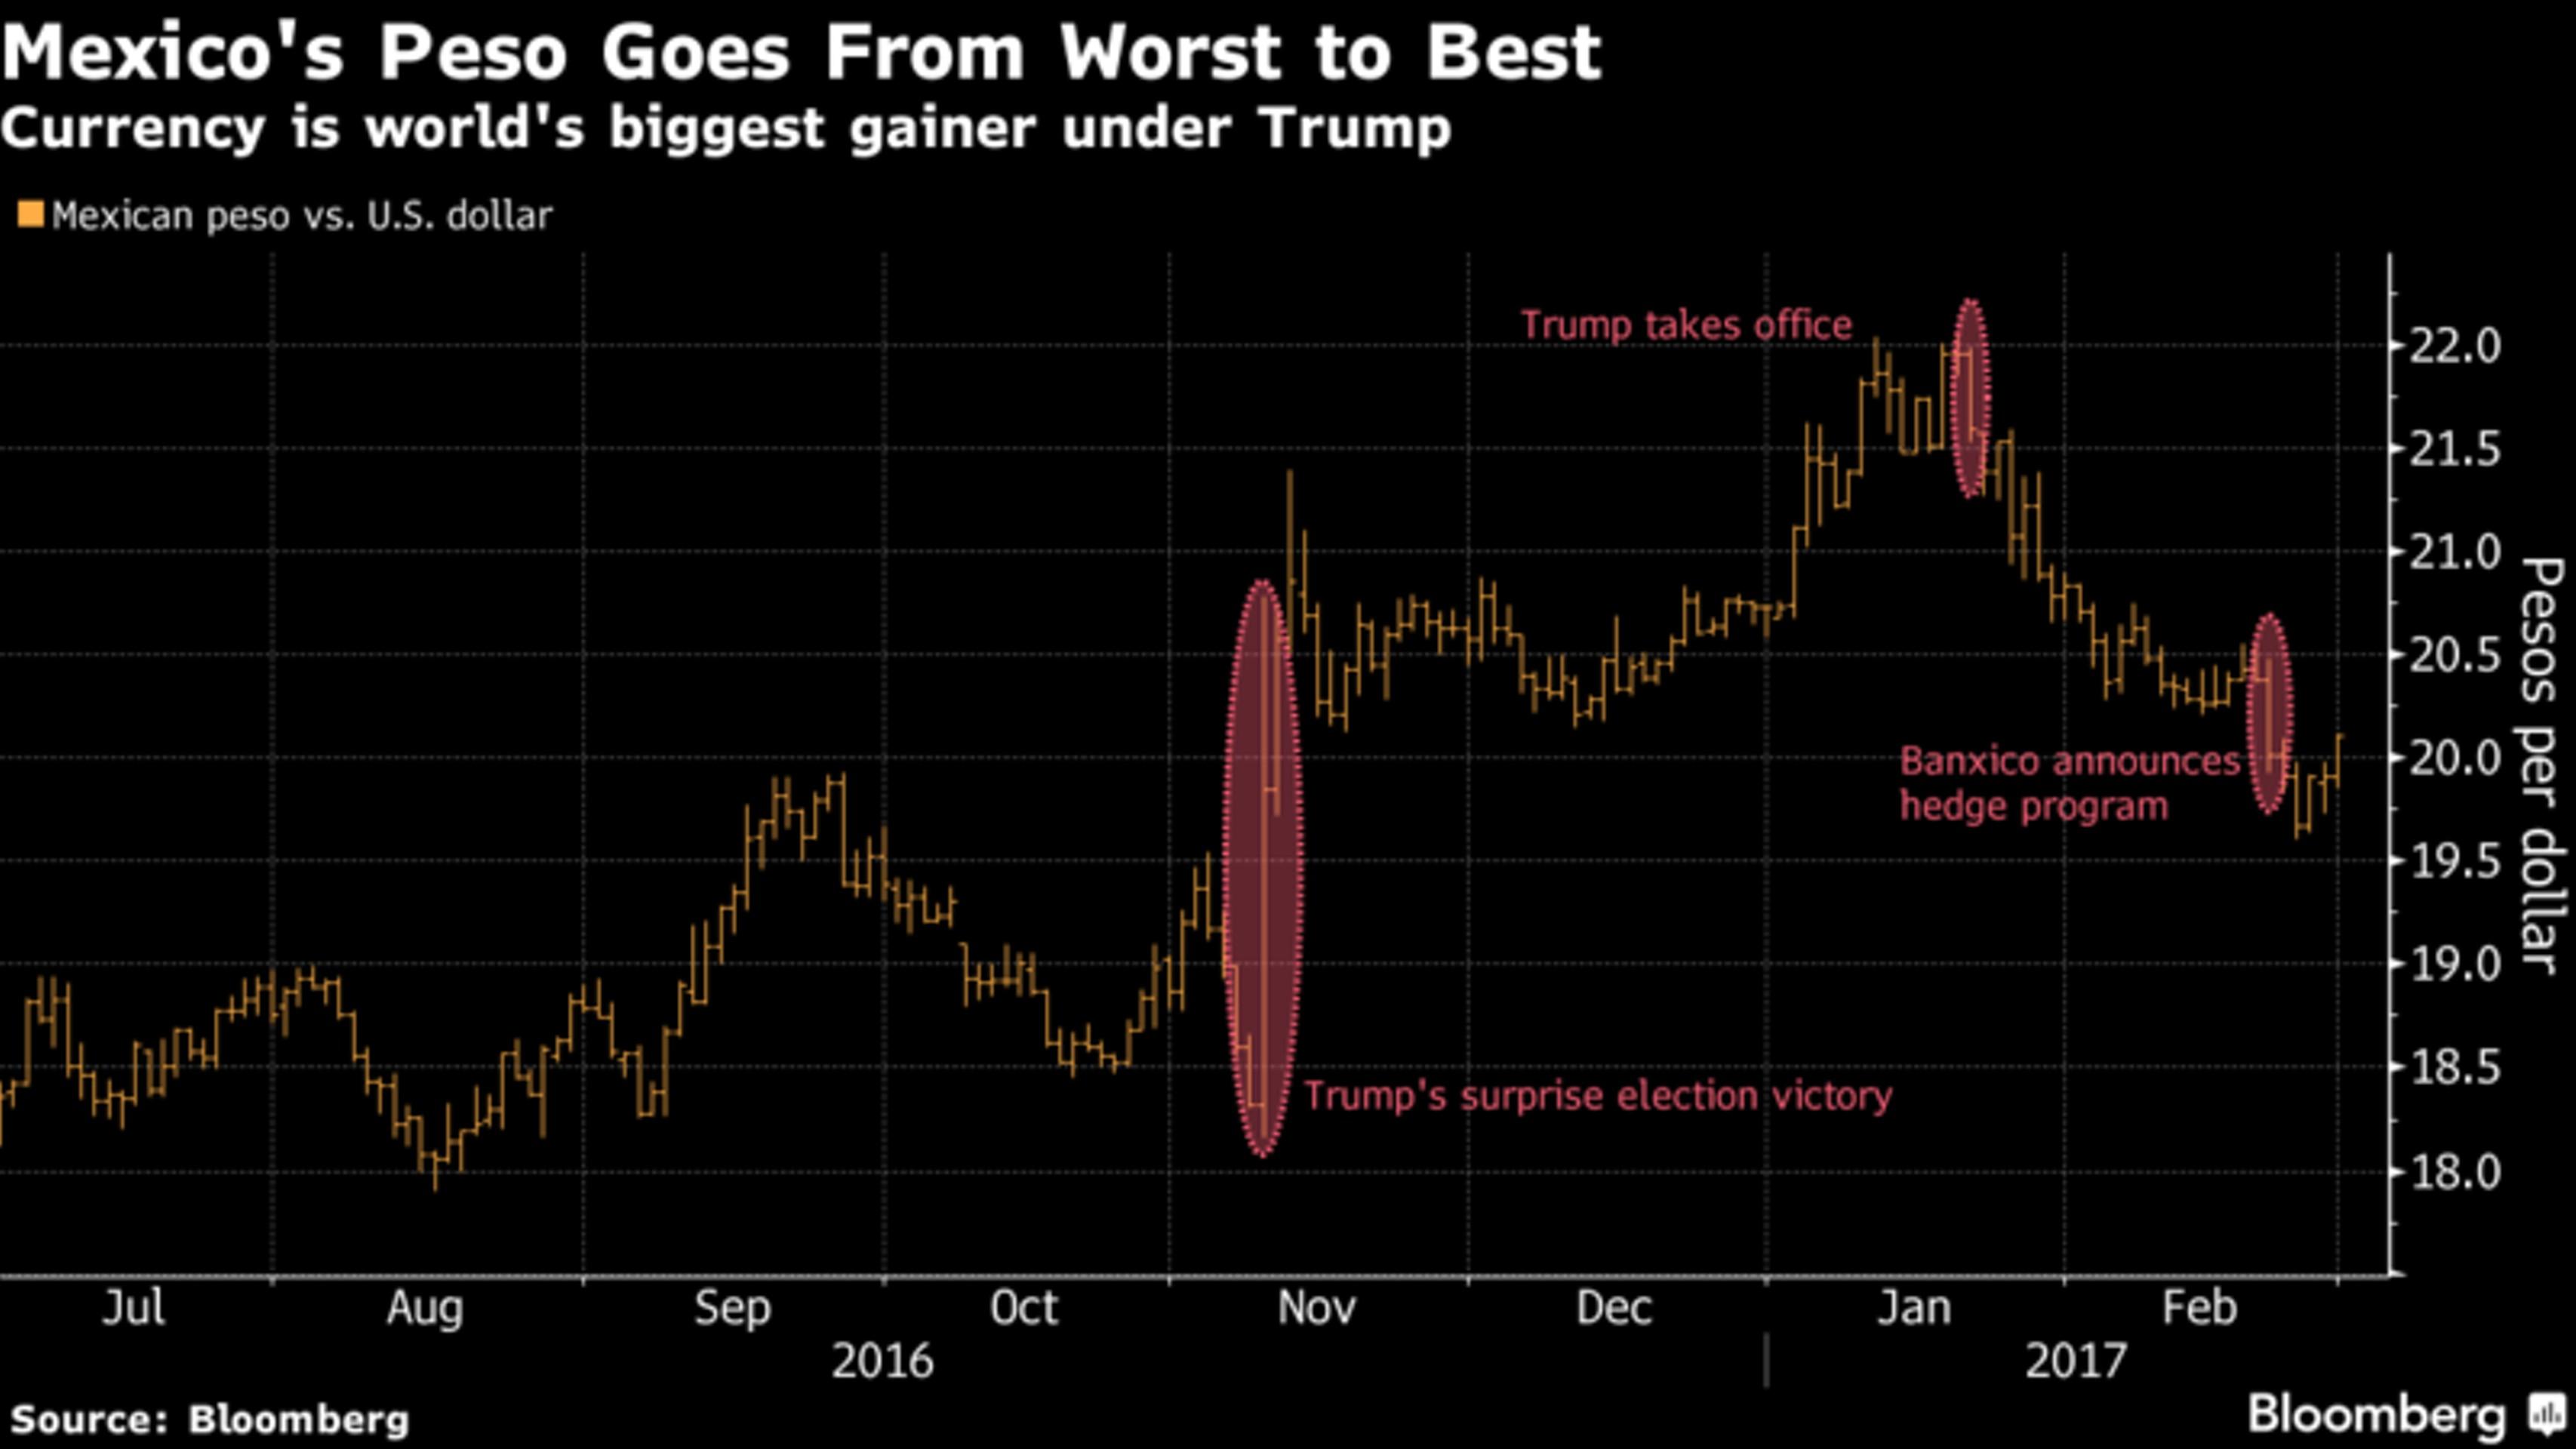 ФРС защитит песо от Трампа